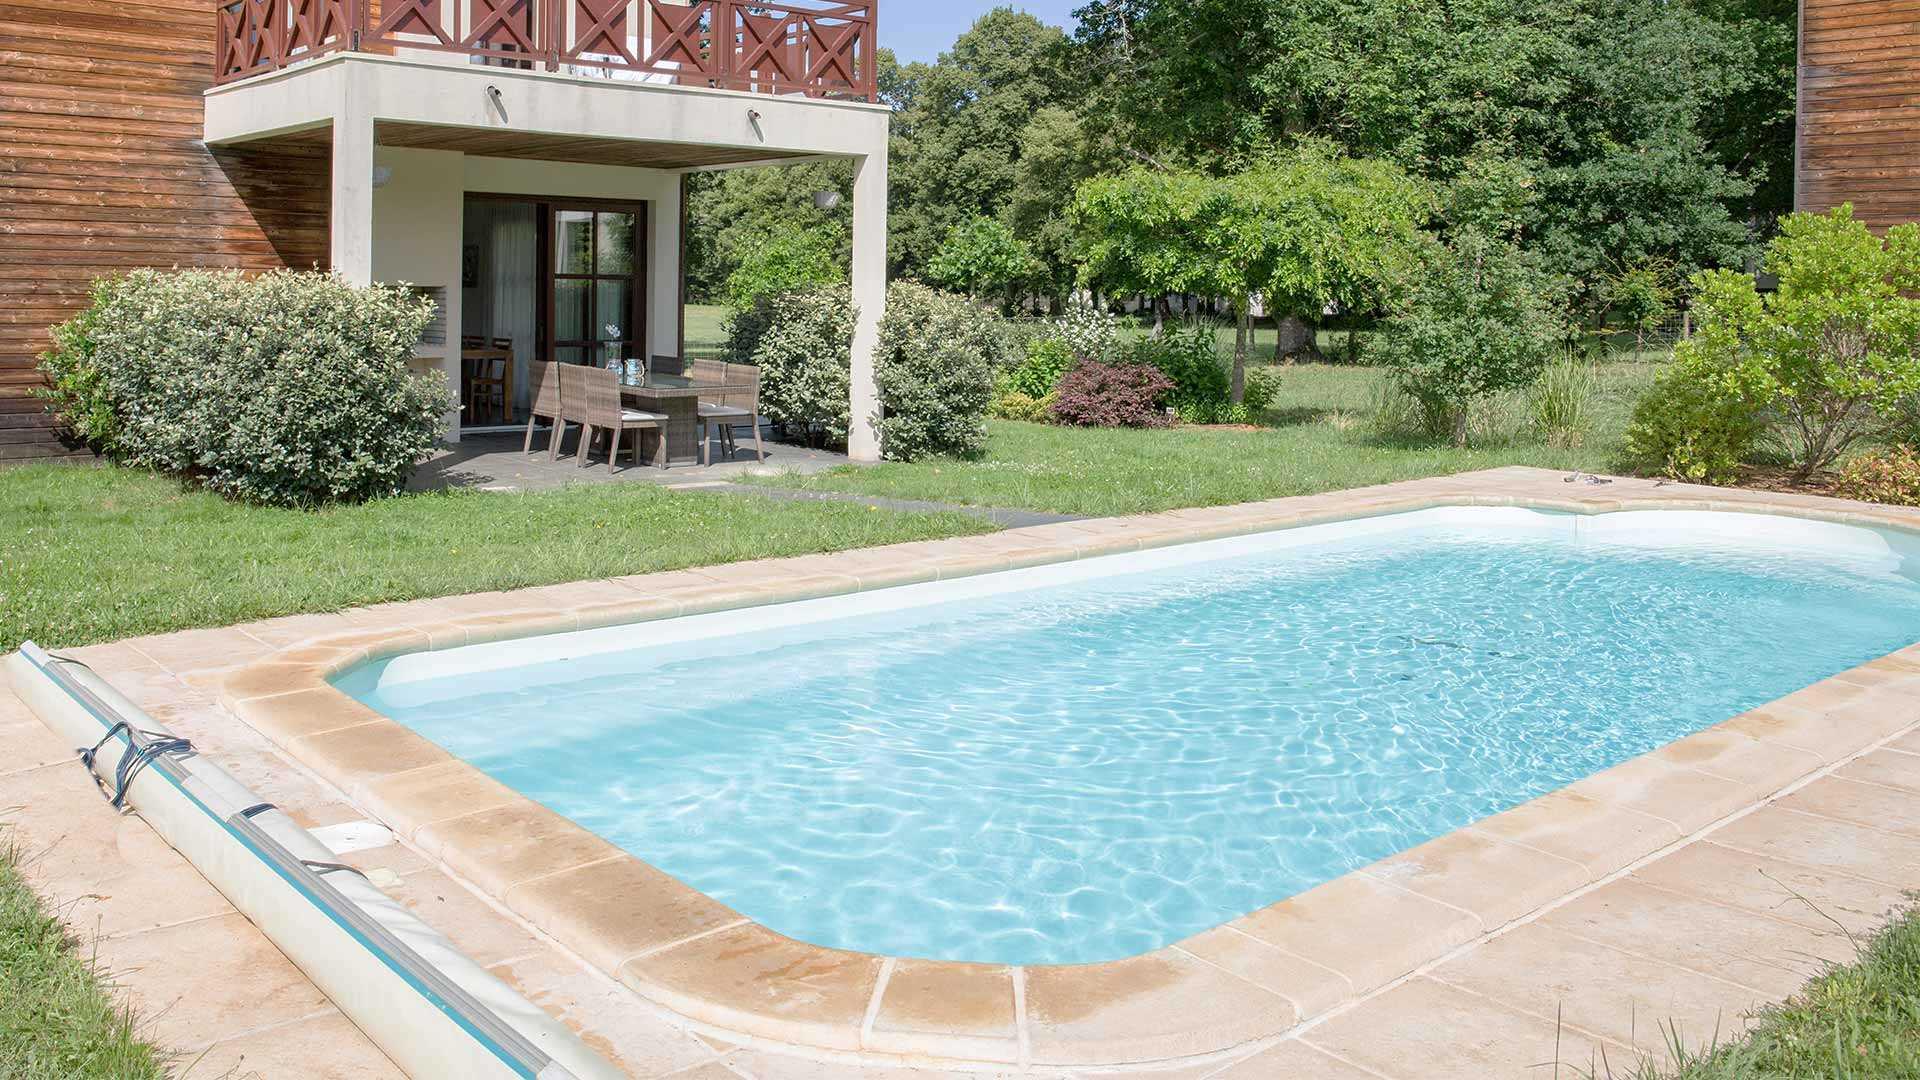 Favorit Pool im Garten bauen | Großer Vergleich aller Pooltypen mit Preisen RW71